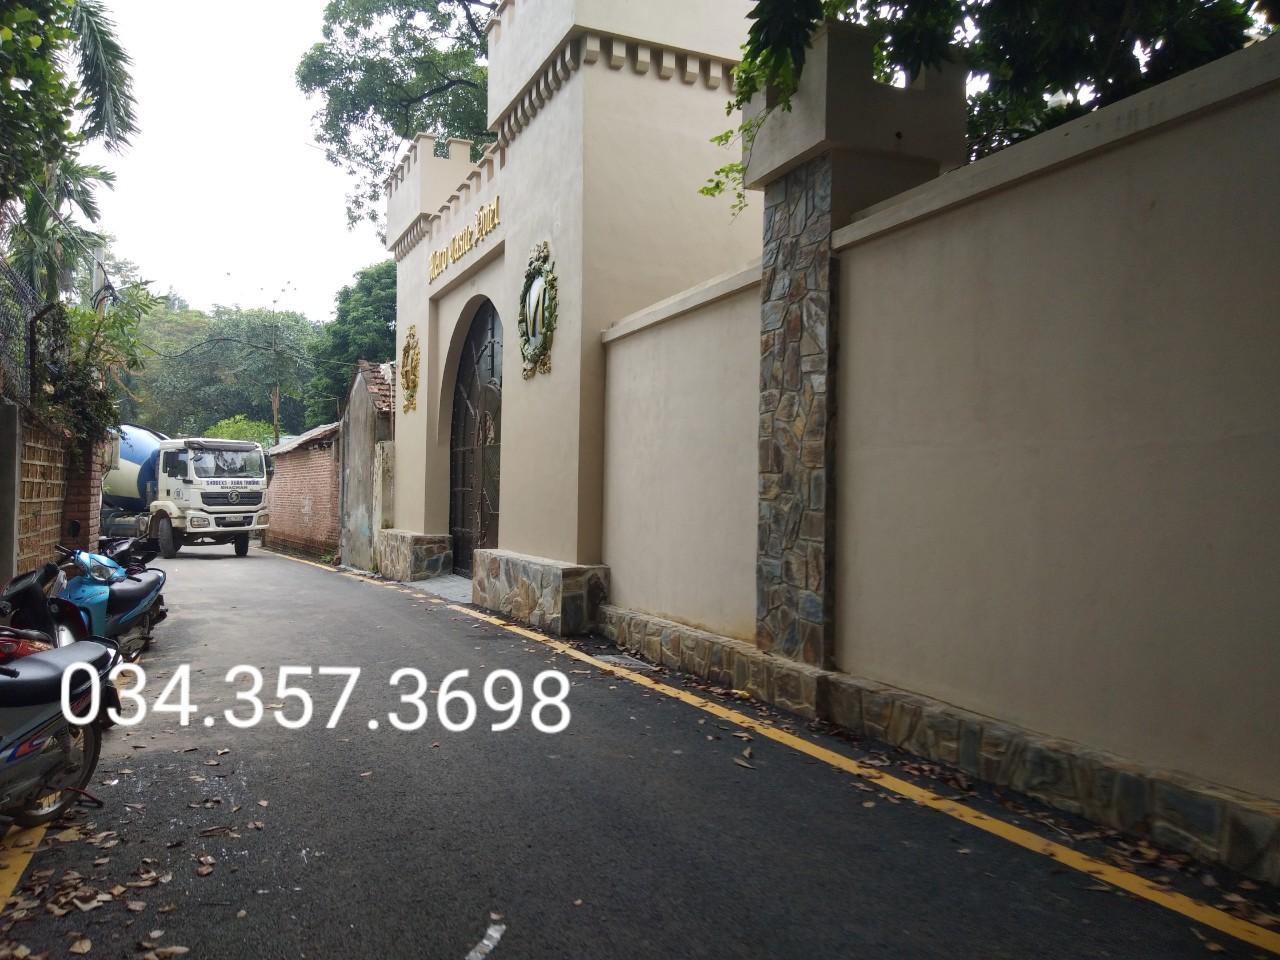 Cần bán Đất đường Đại lộ Thăng Long, Xã Đồng Trúc, Diện tích 66m², Giá 990 Triệu - LH: 0343573698